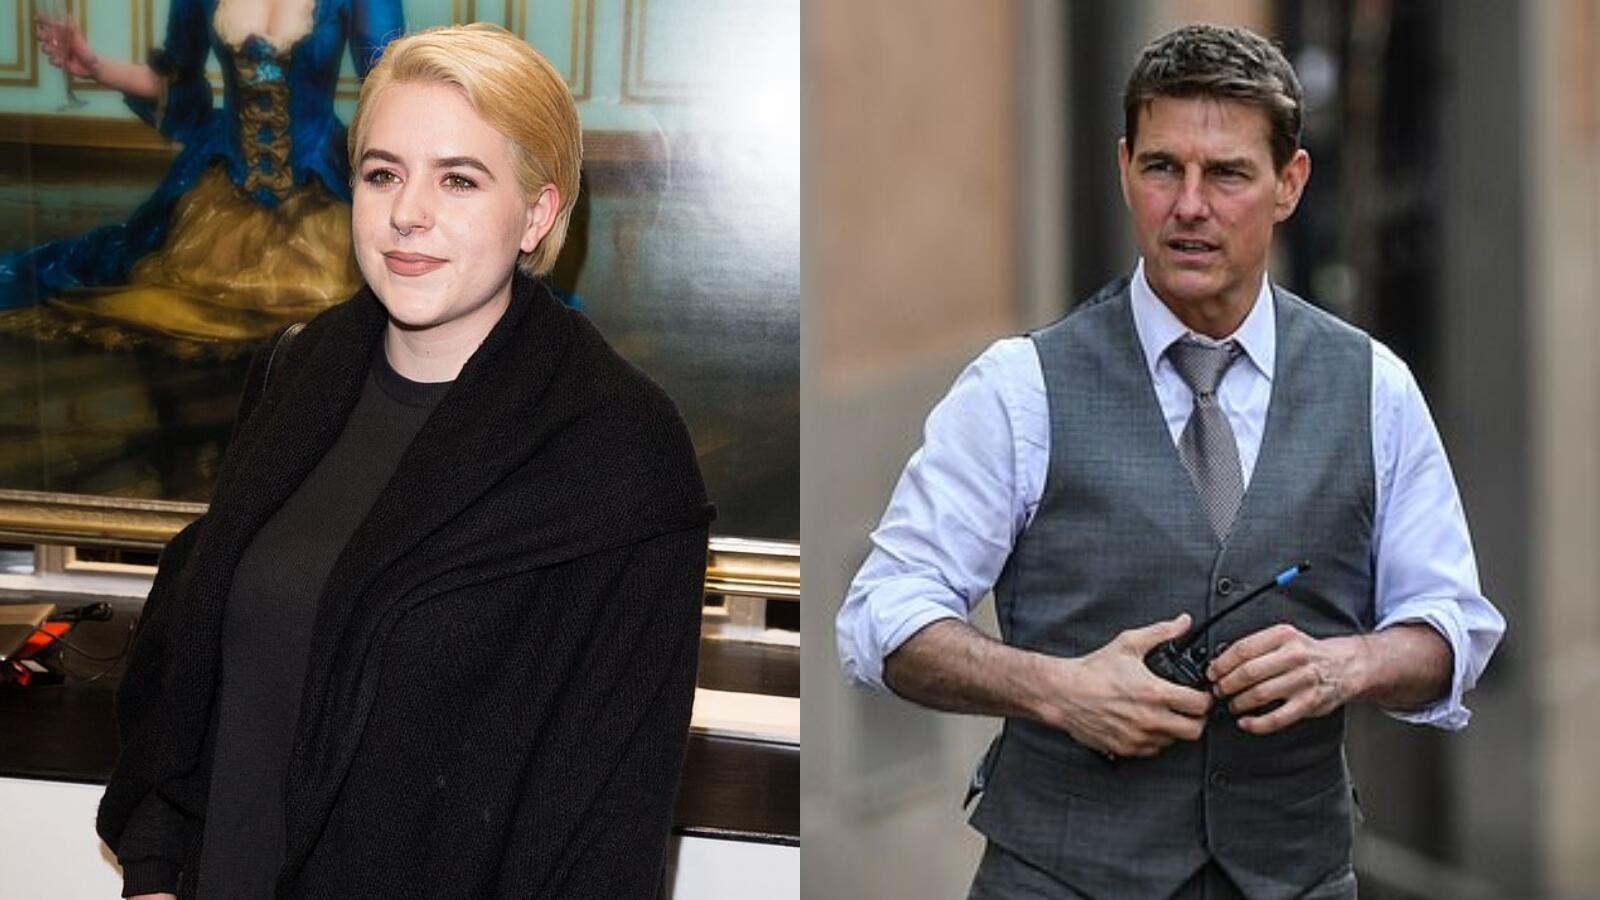 ابنة توم كروز ترفض الانتقال للعيش معه في منزله الفاخر في لندن | حلوة